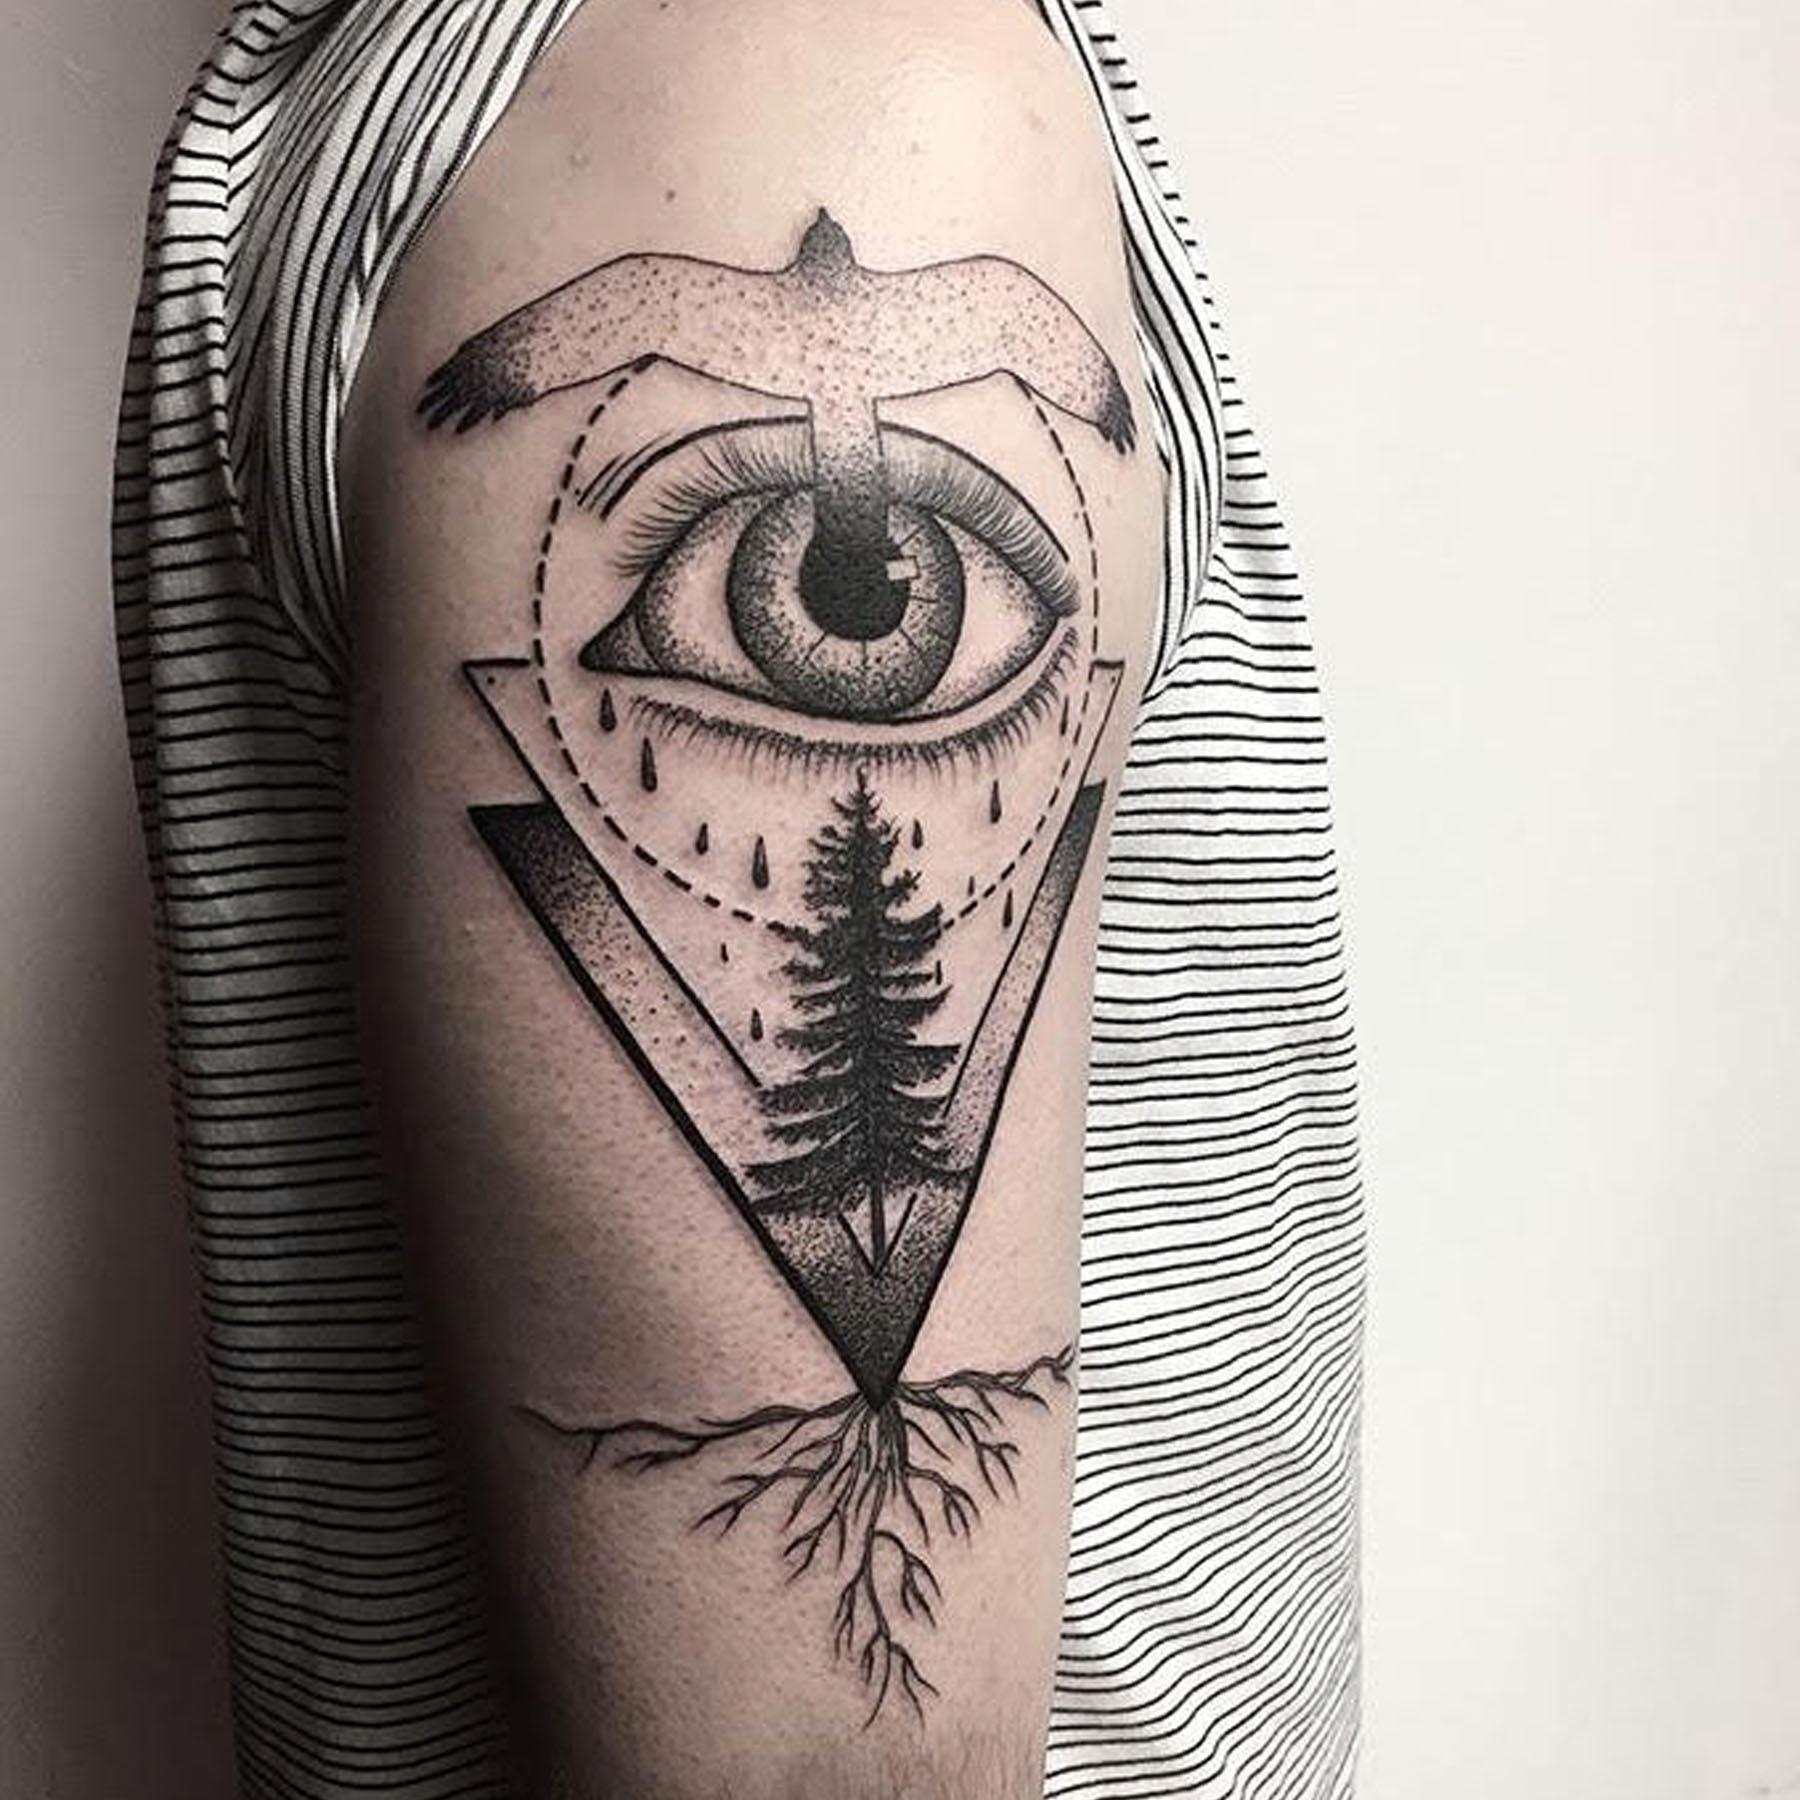 Blackwork tattoo by Sleestak